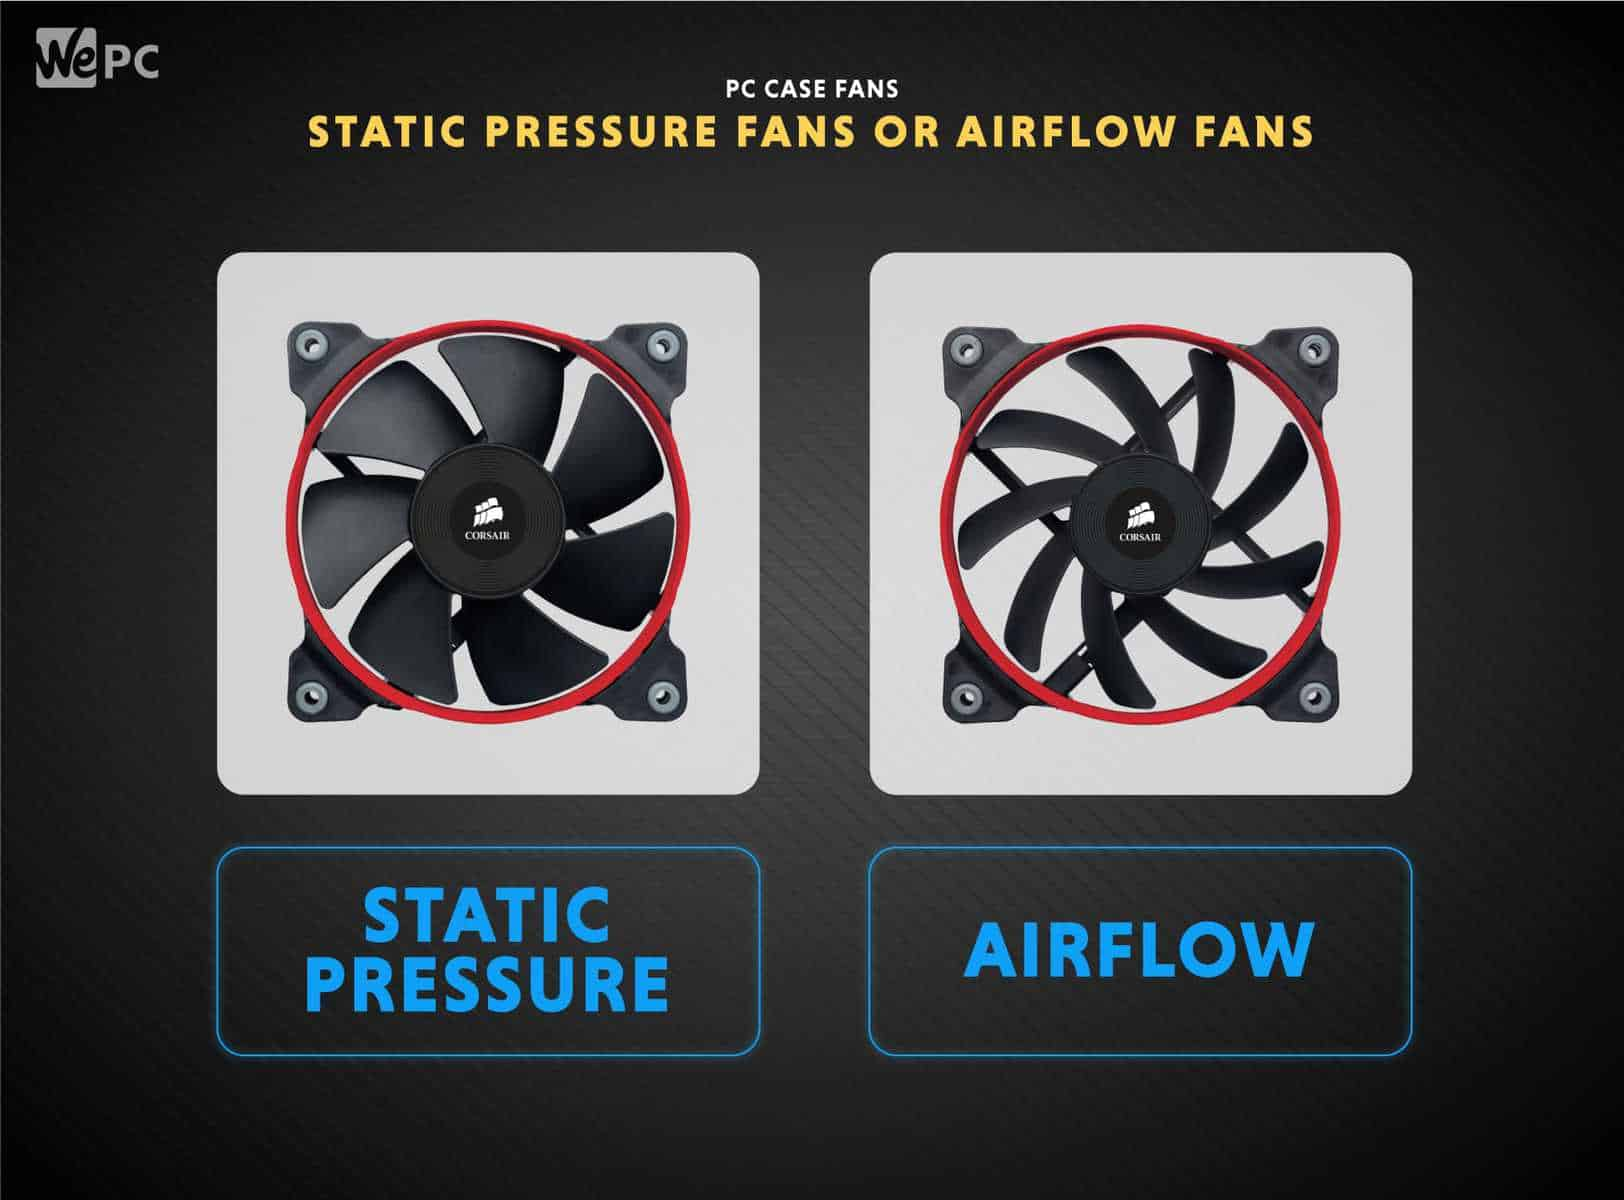 Static Pressure Fans vs Airflow Fans